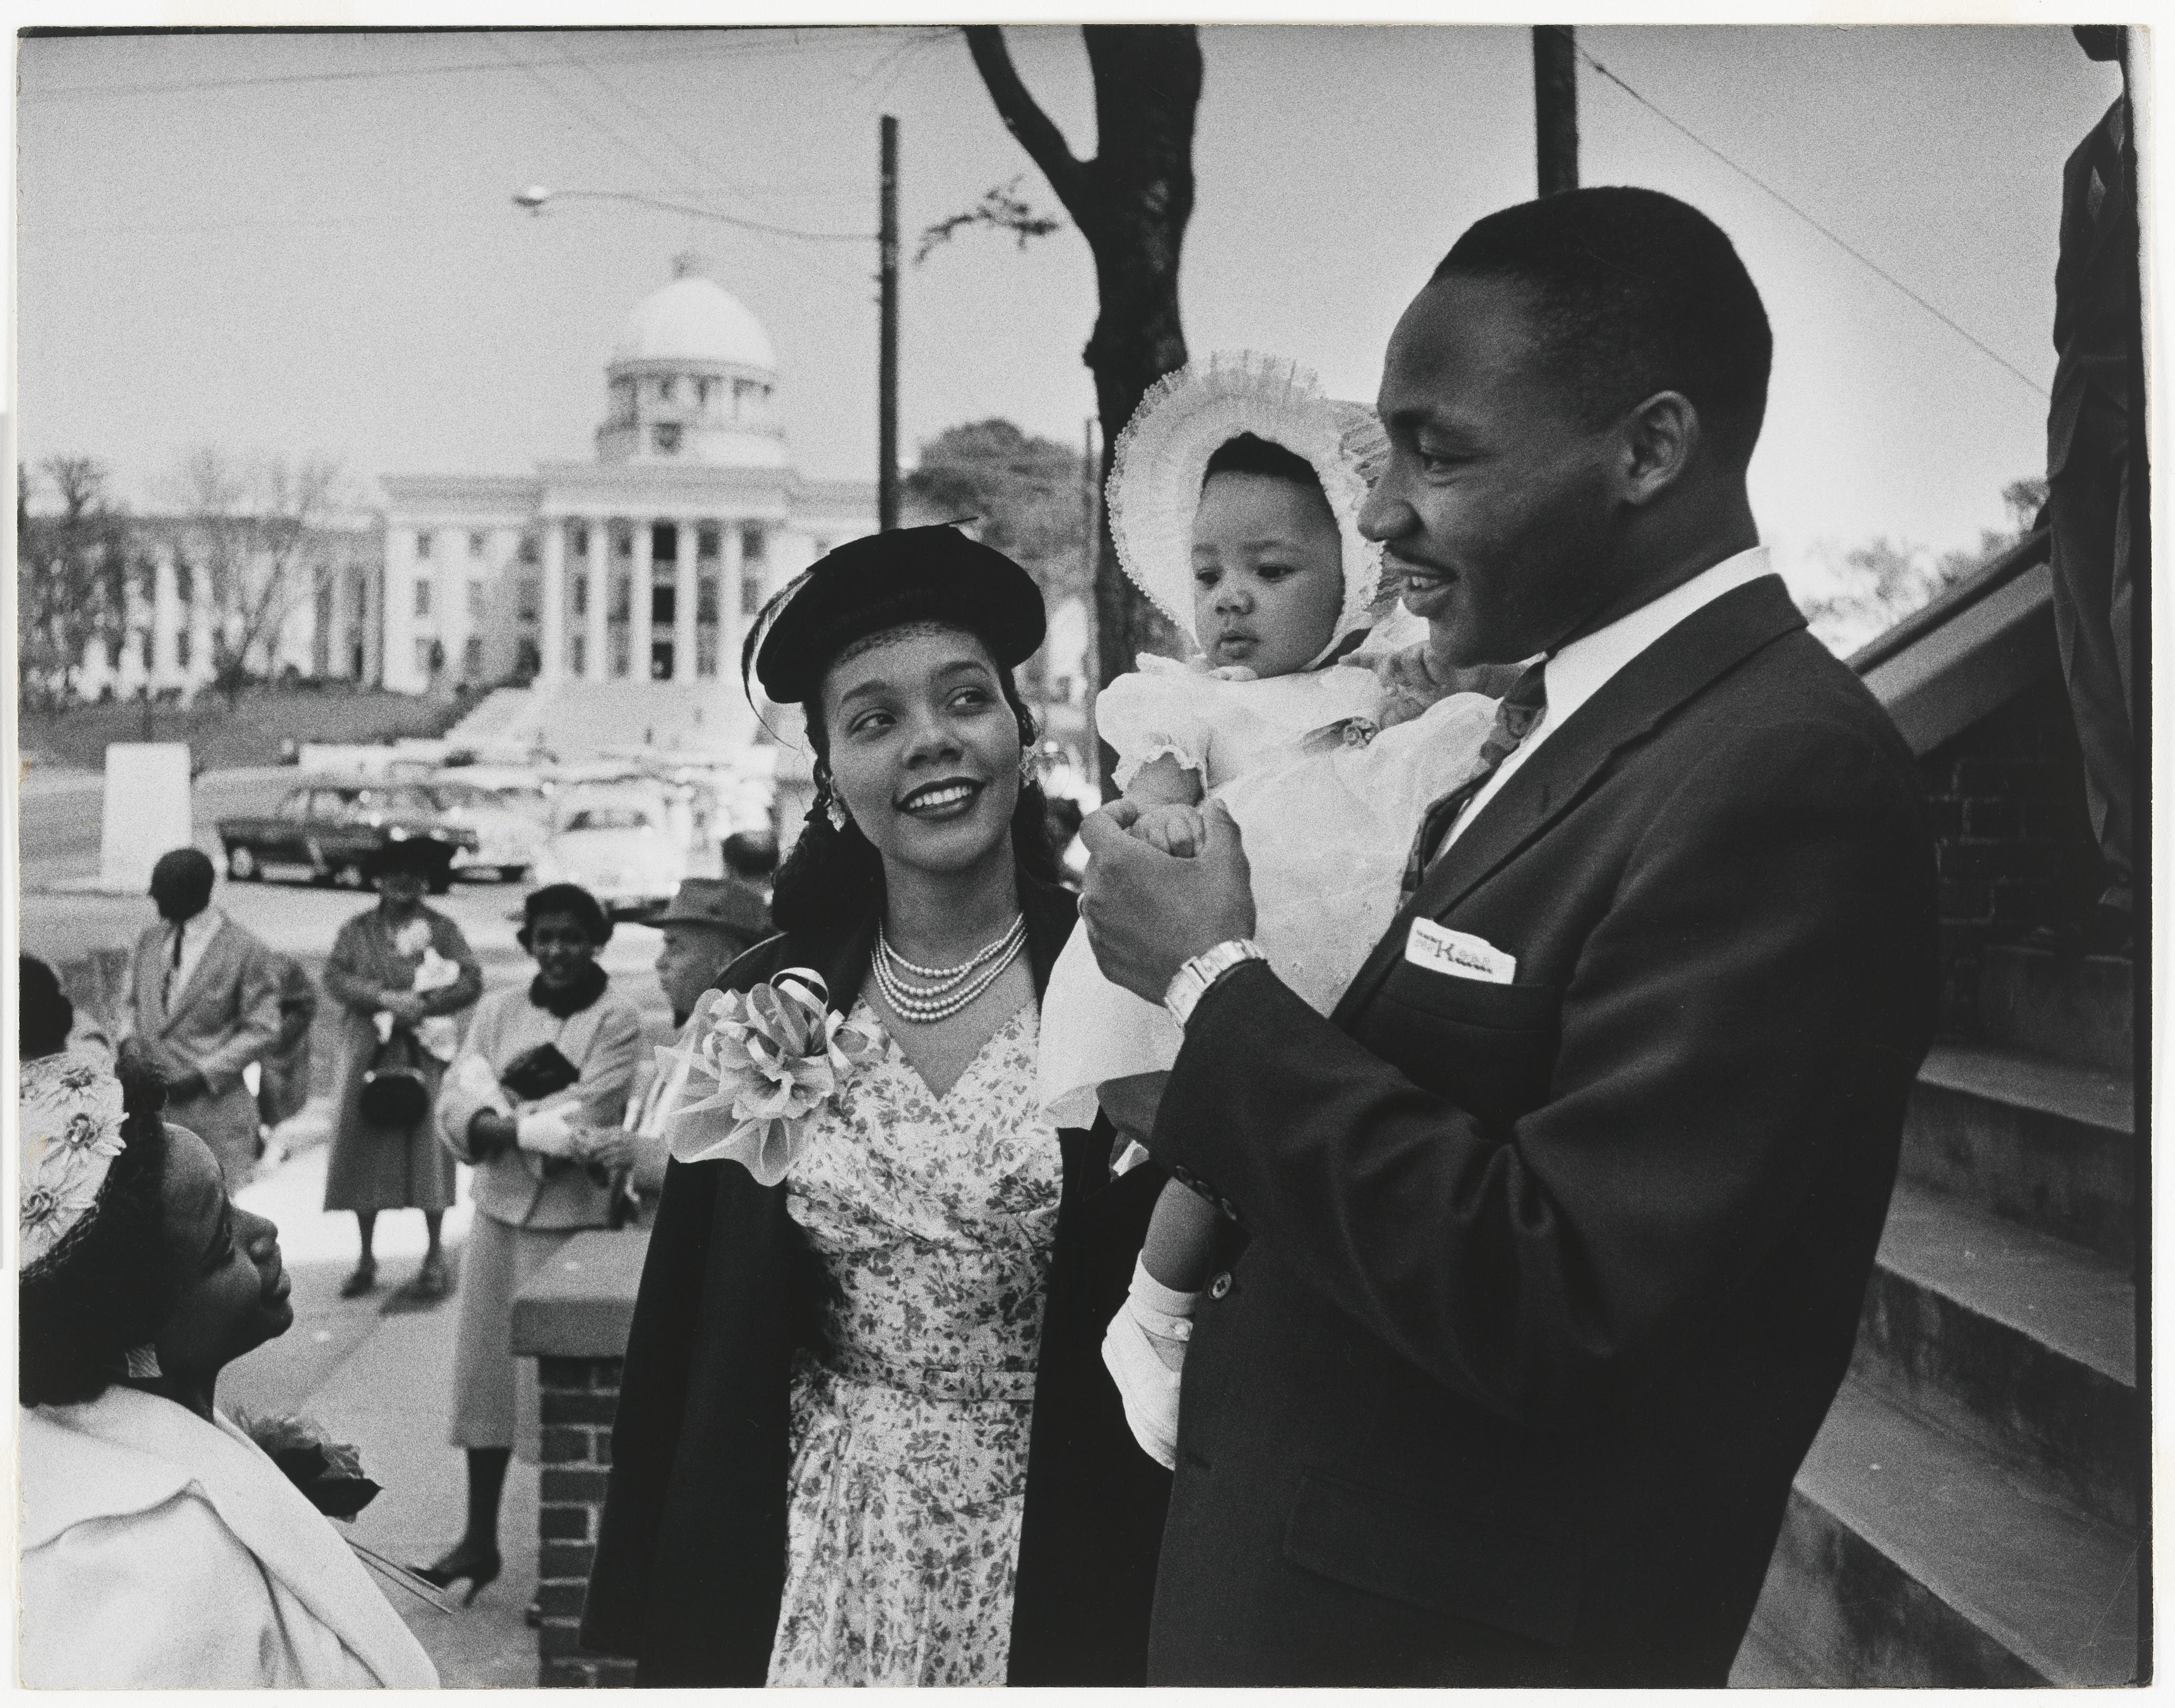 مع زوجته كوريتا سكوت كينغ وابنتهما يولاندا عام 1956-الصورة بعدسة دان وينر ومملوكة من المتحف الوطني للصور